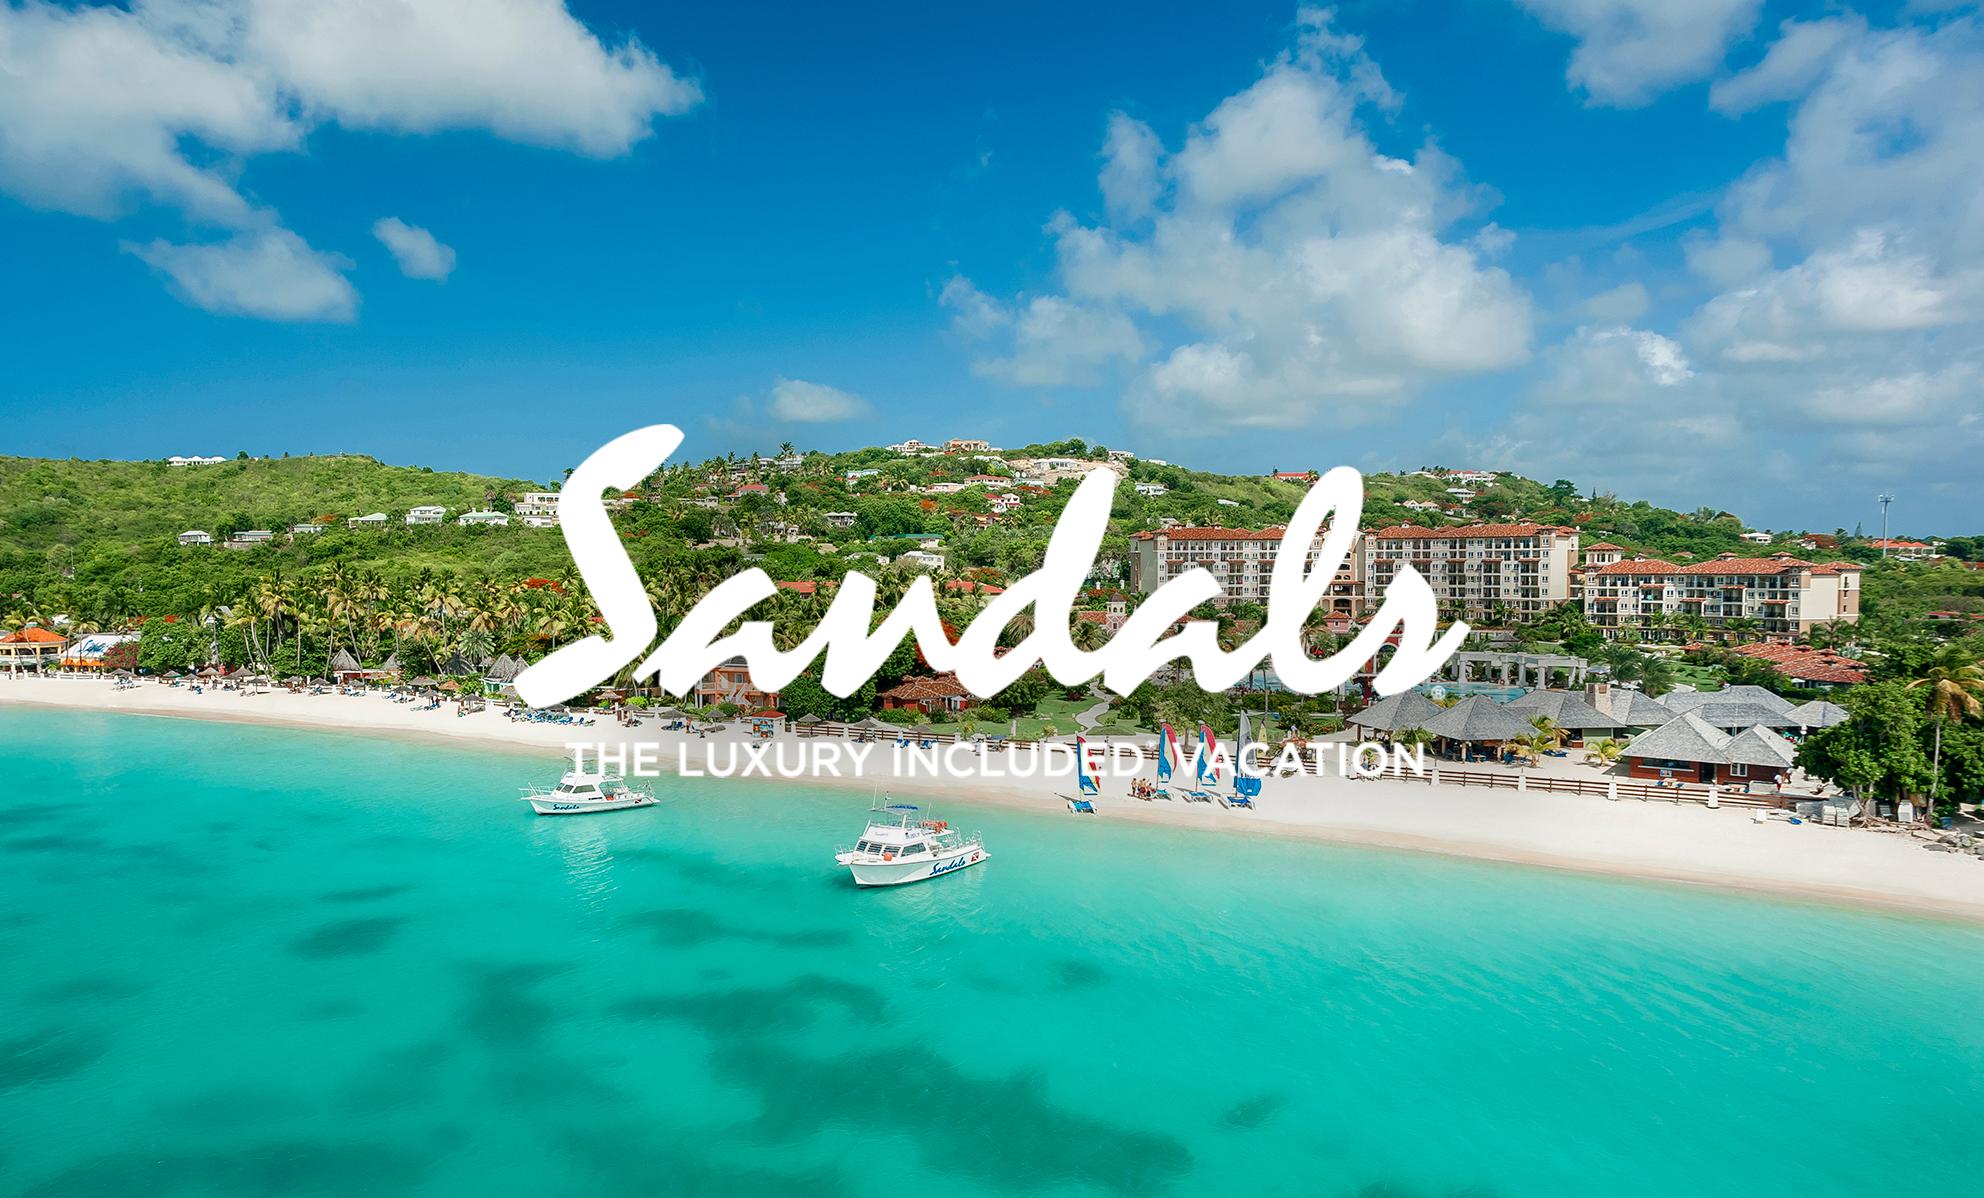 Explore Sandals Resorts